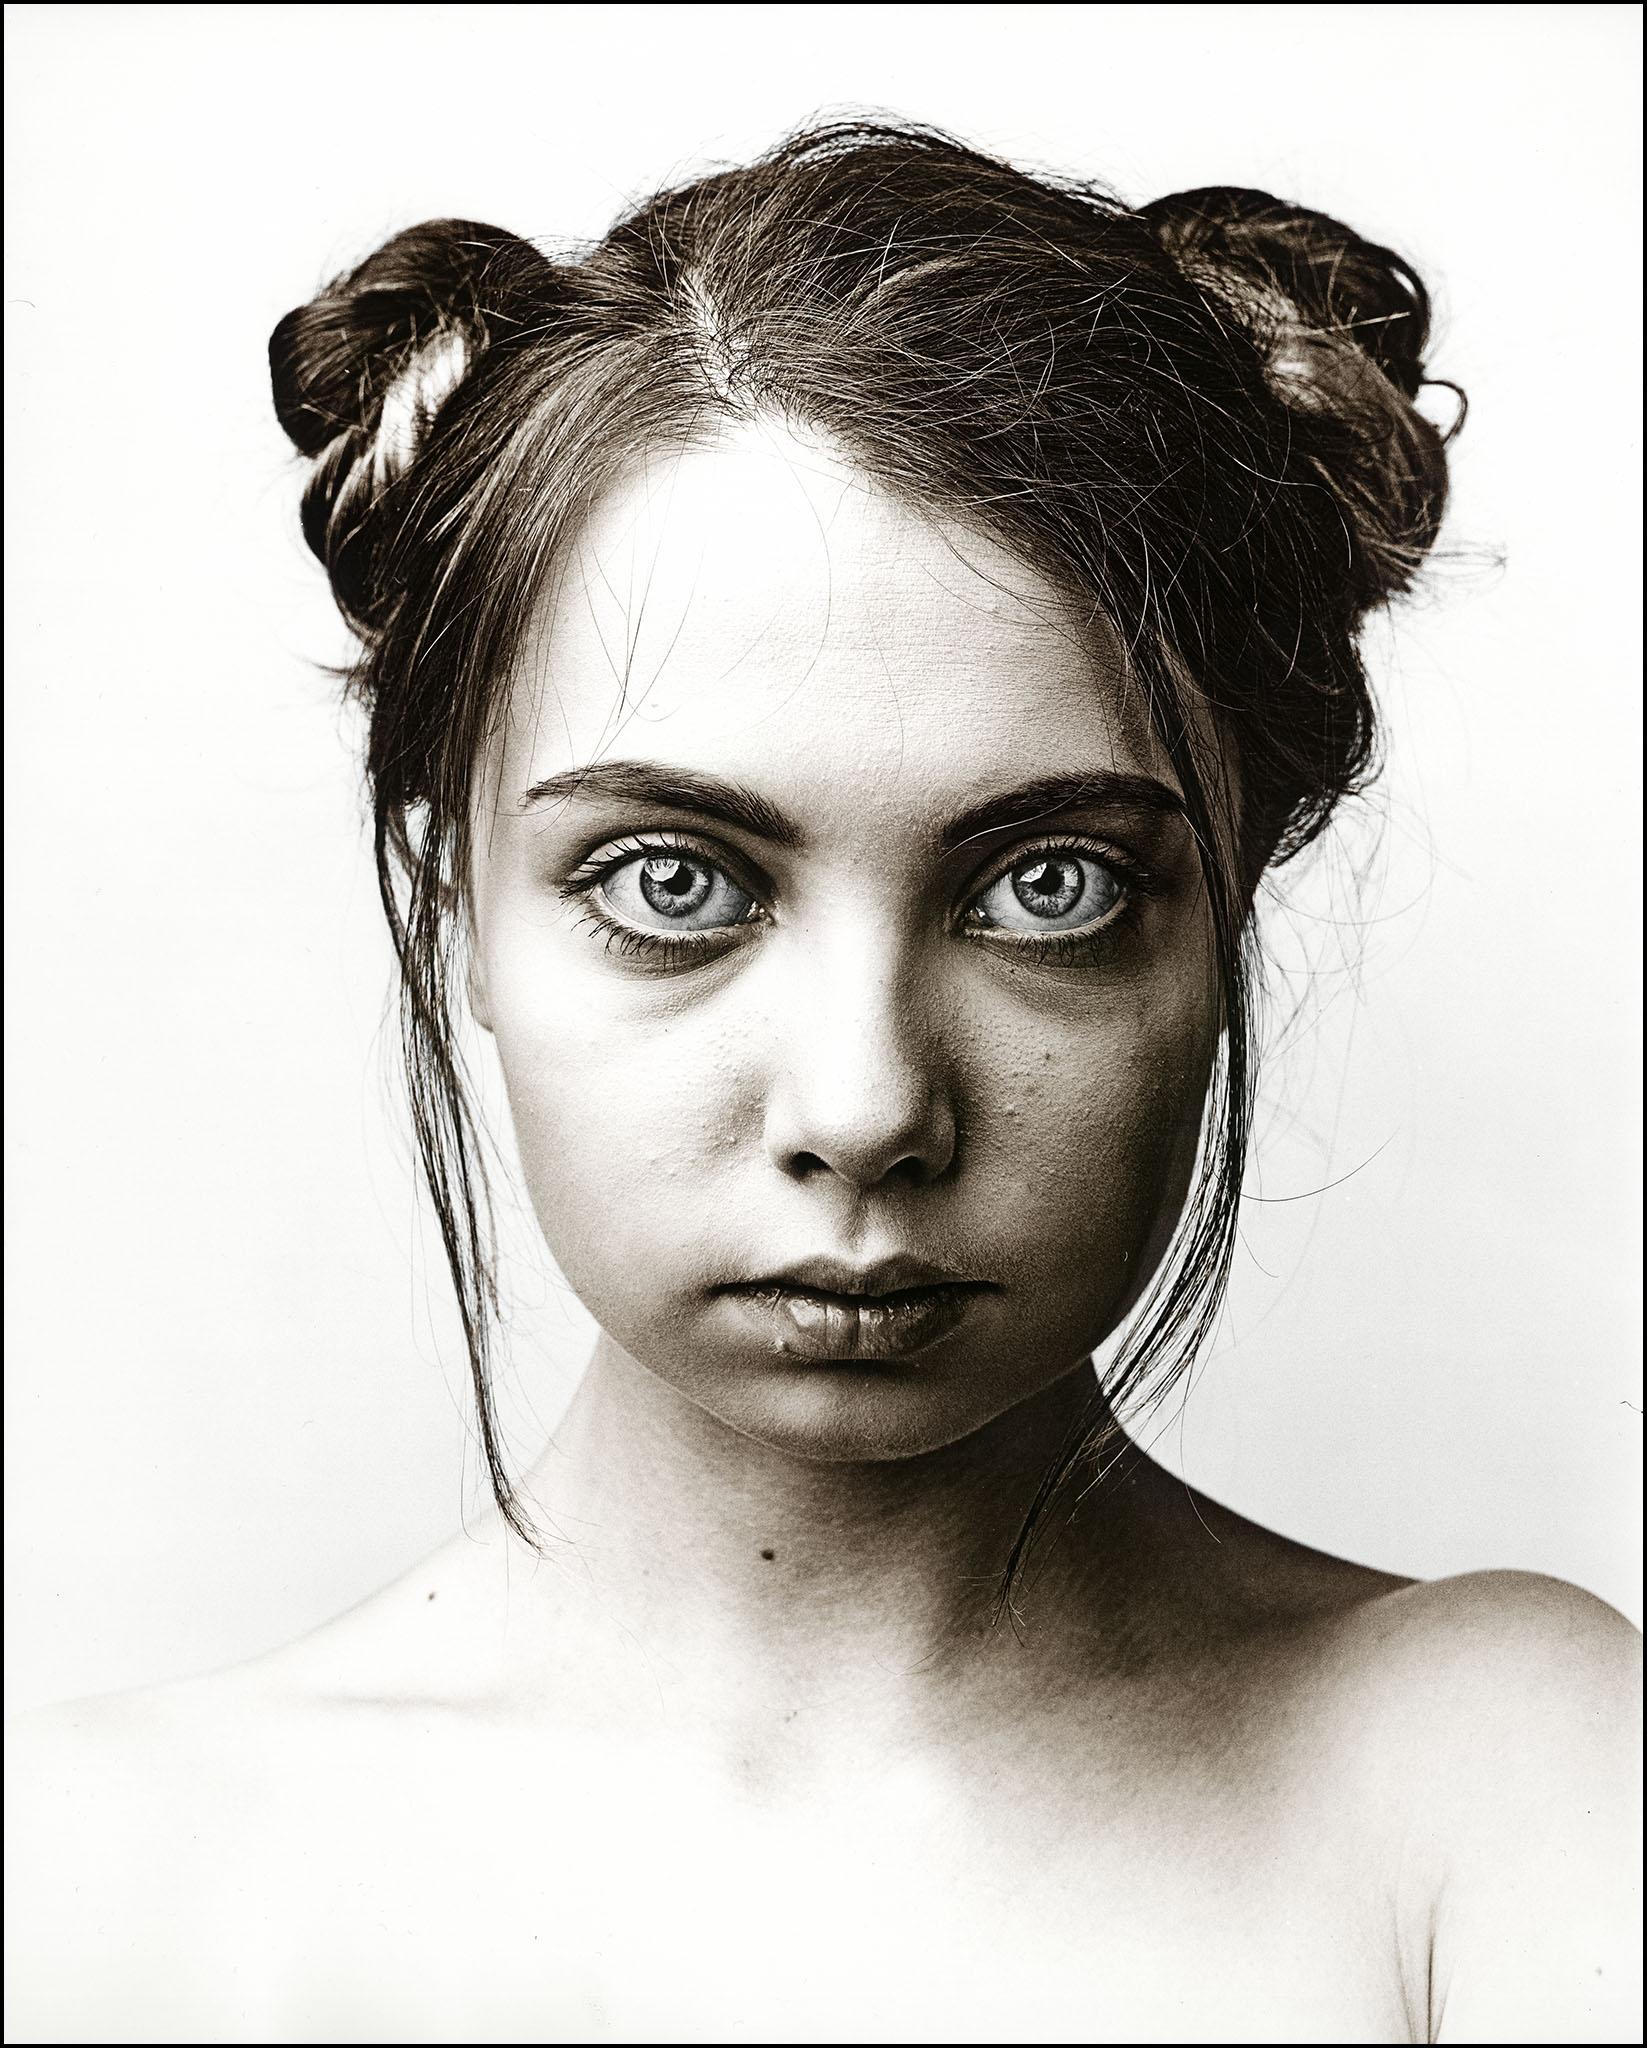 Elena S. - 2015